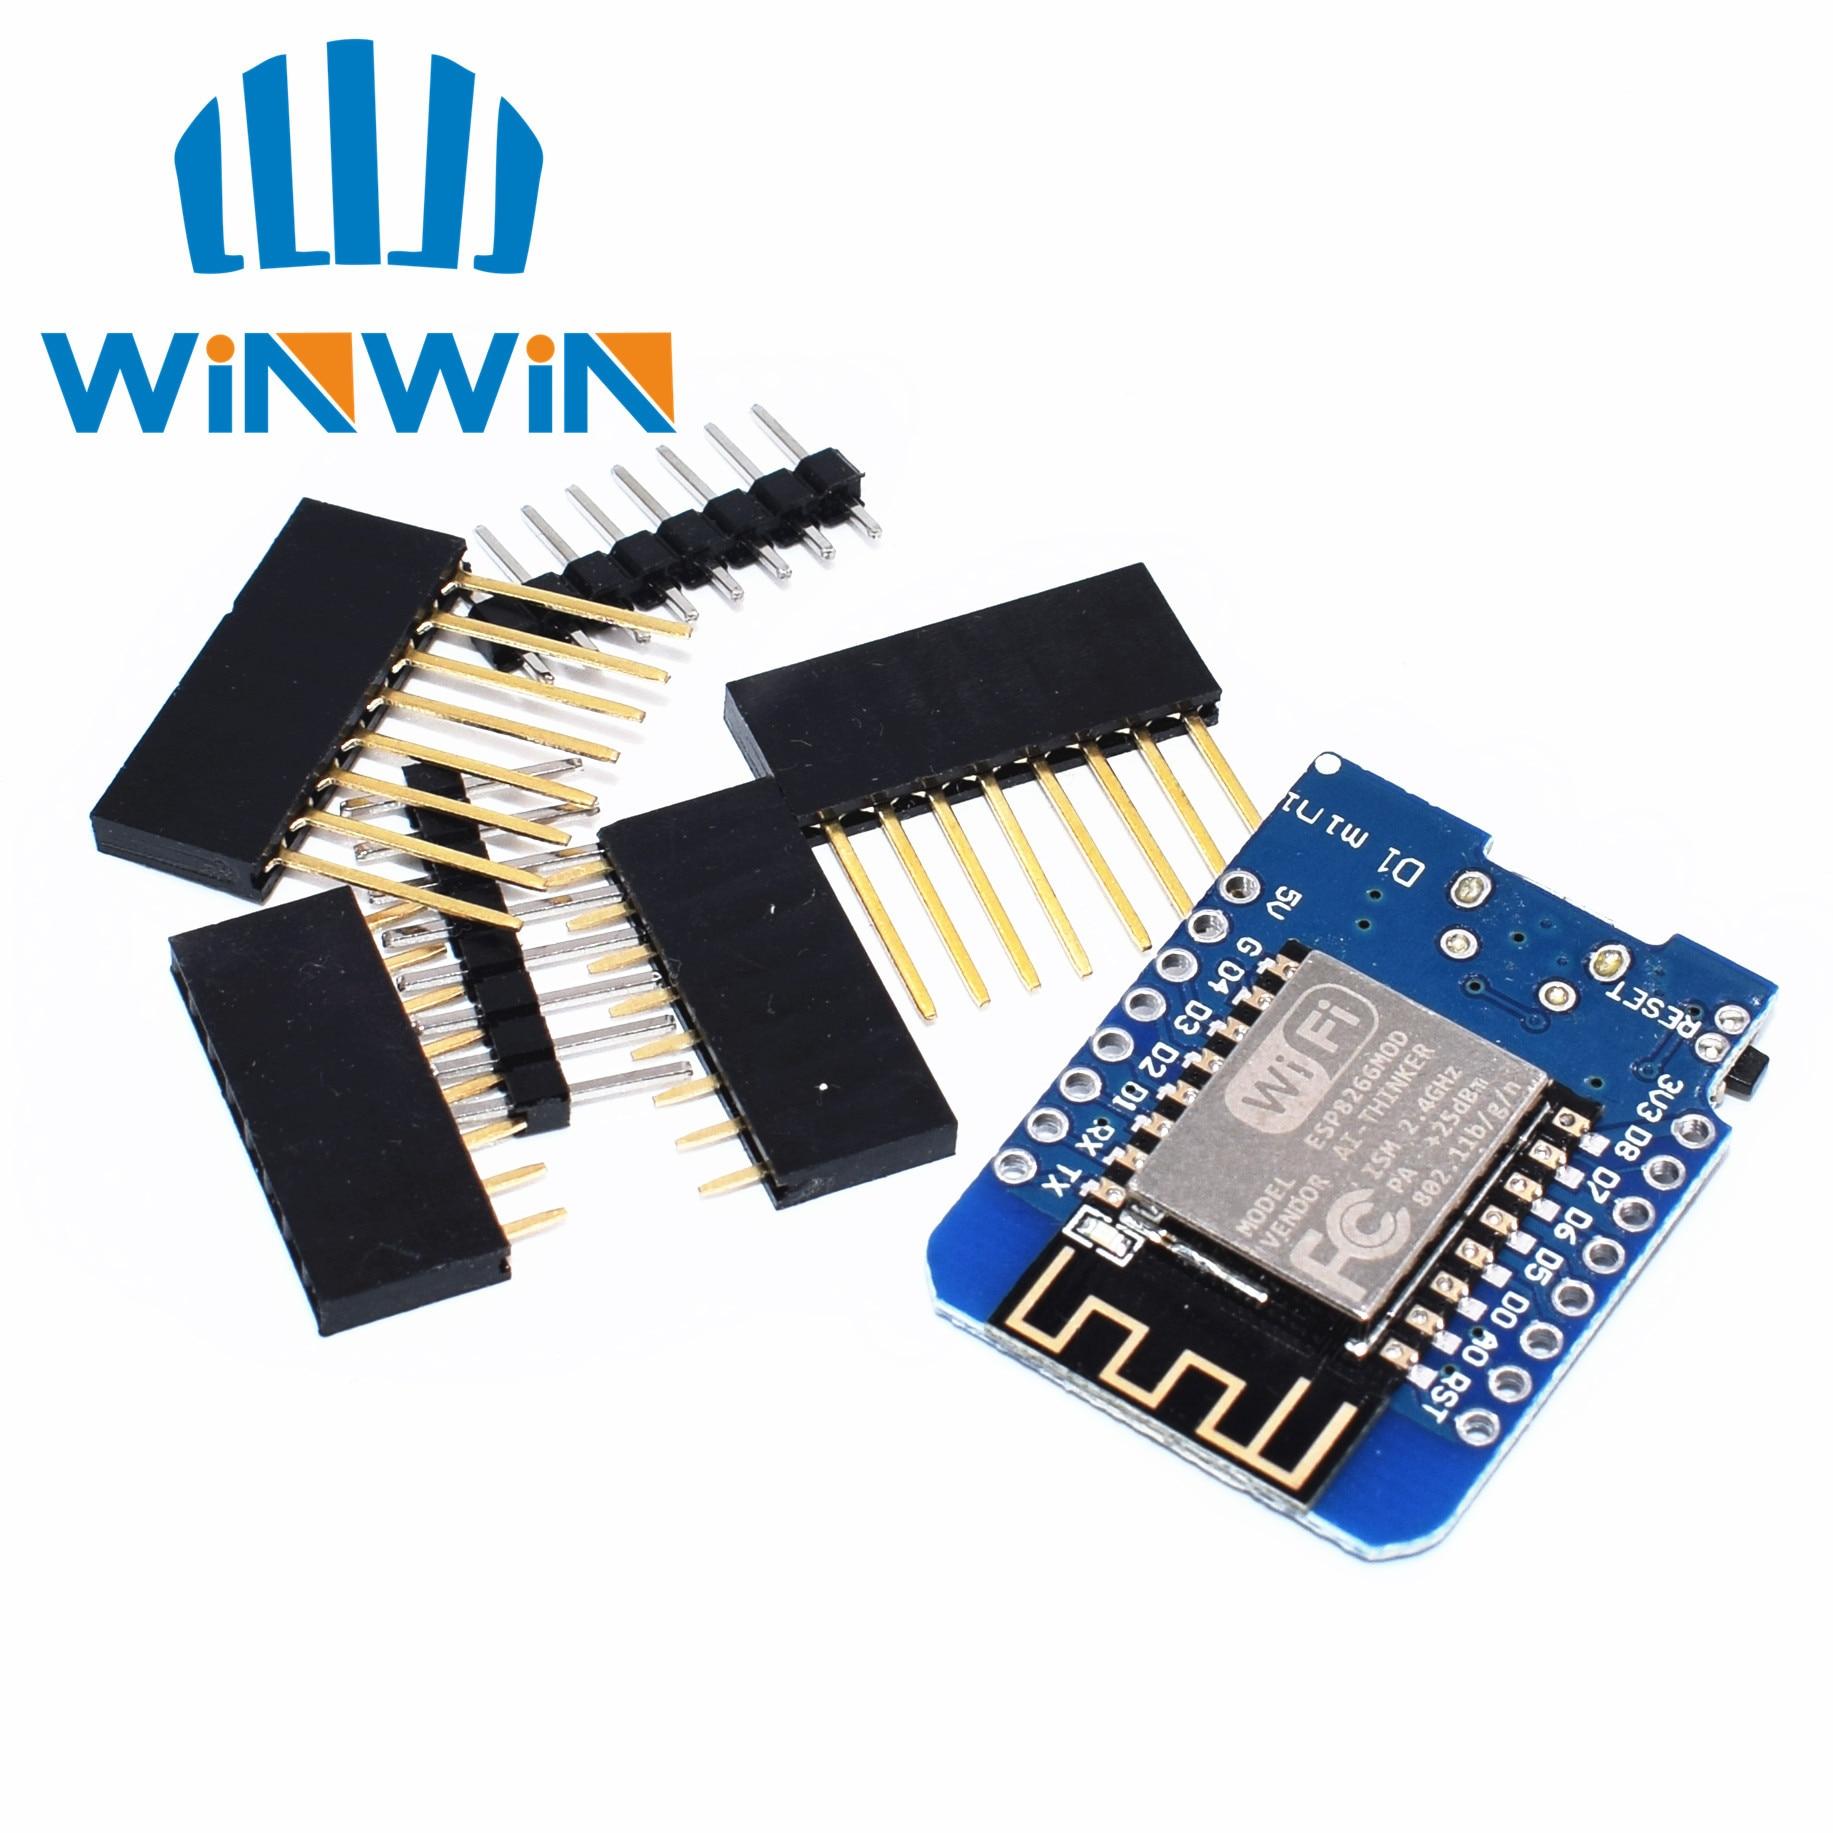 5pcs ESP8266 ESP-12 ESP-12F CH340G CH340 V2 USB WeMos D1 Mini WIFI Development Board D1 Mini NodeMCU Lua IOT Board 3.3V